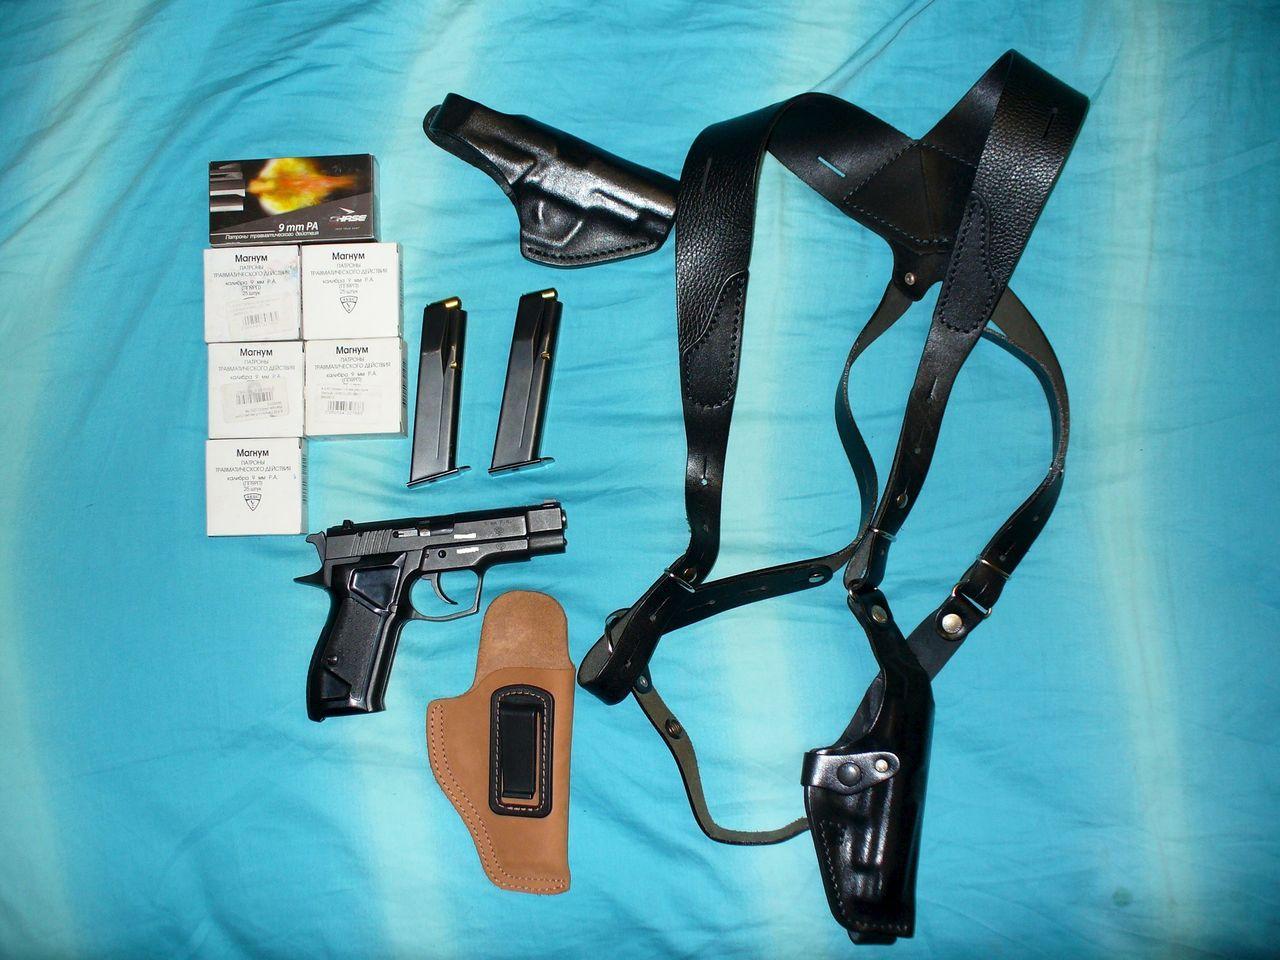 Нужна ли лицензия на травматический пистолет